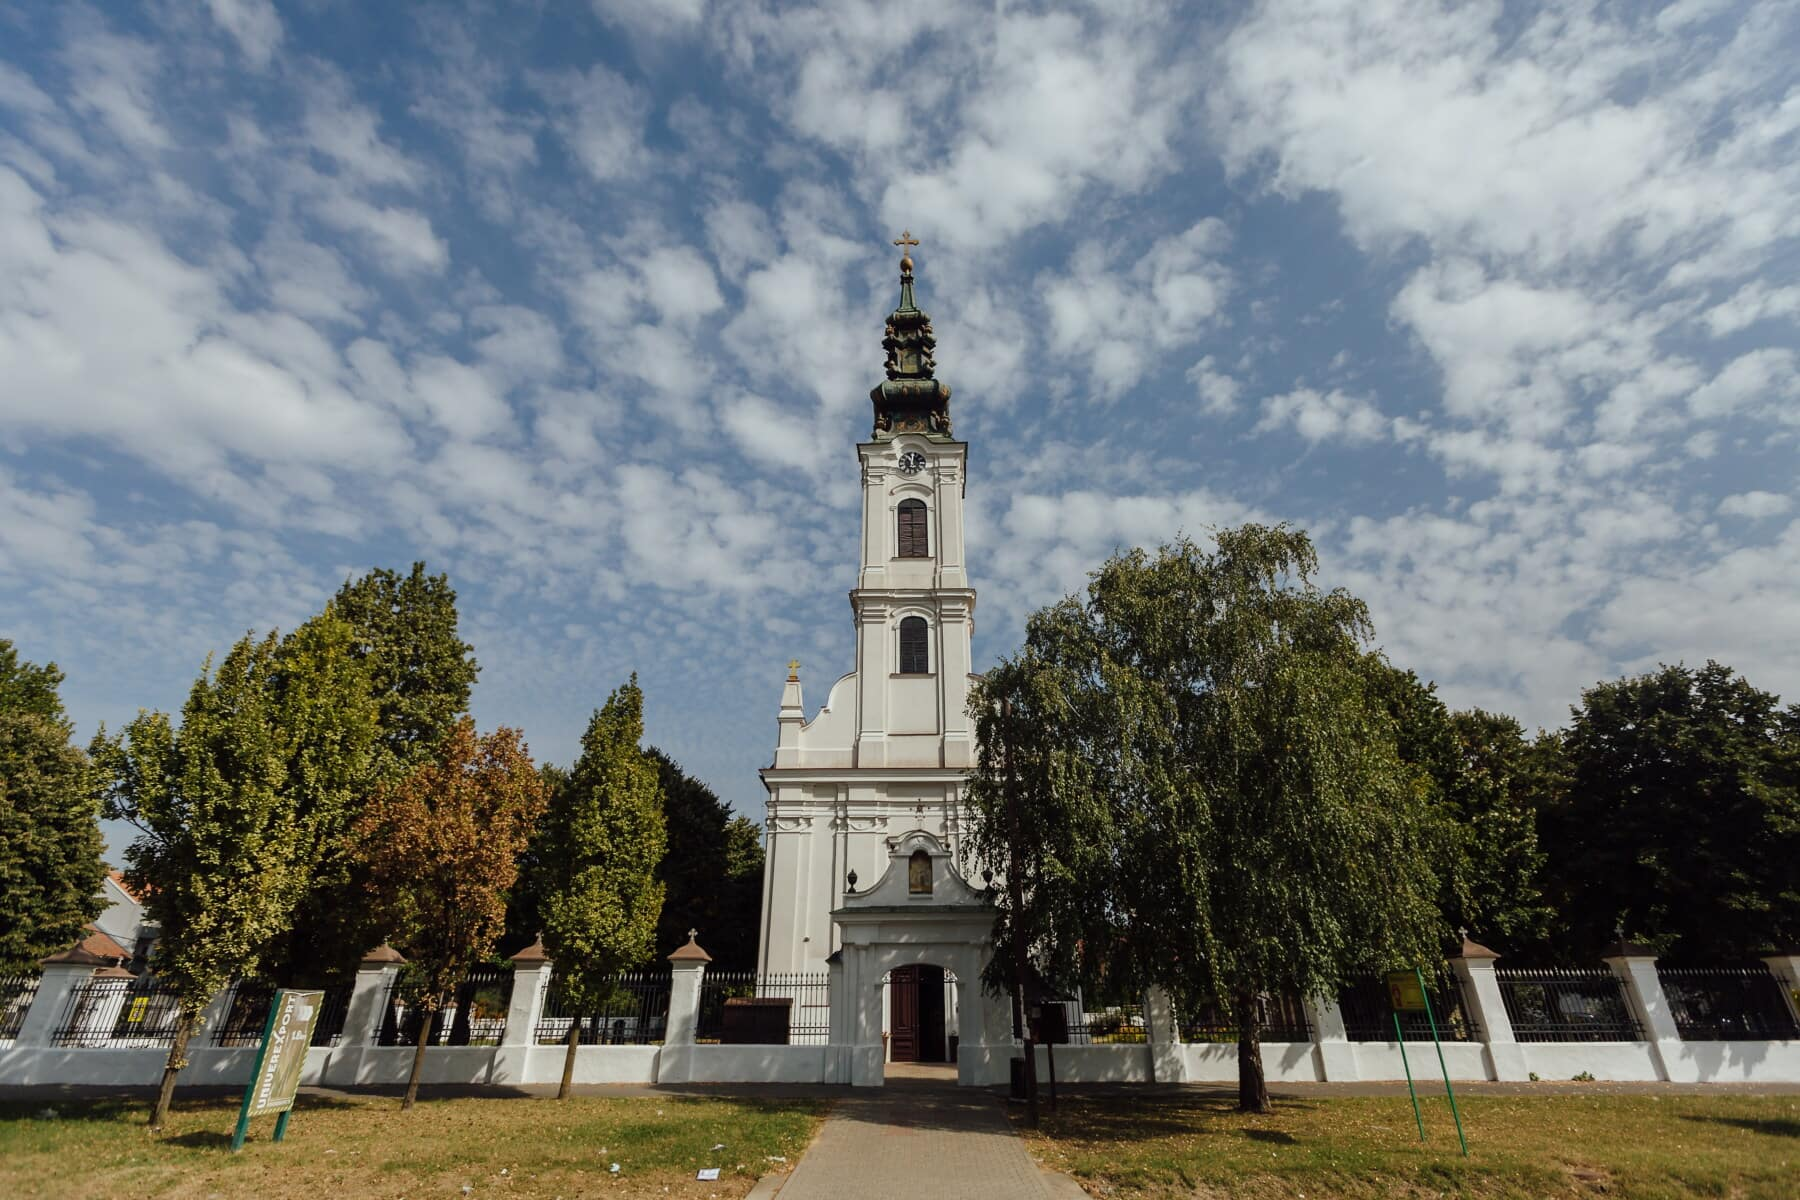 kostelní věž, kostel, ulice, chodník, věž, budova, klášter, náboženství, architektura, kříž